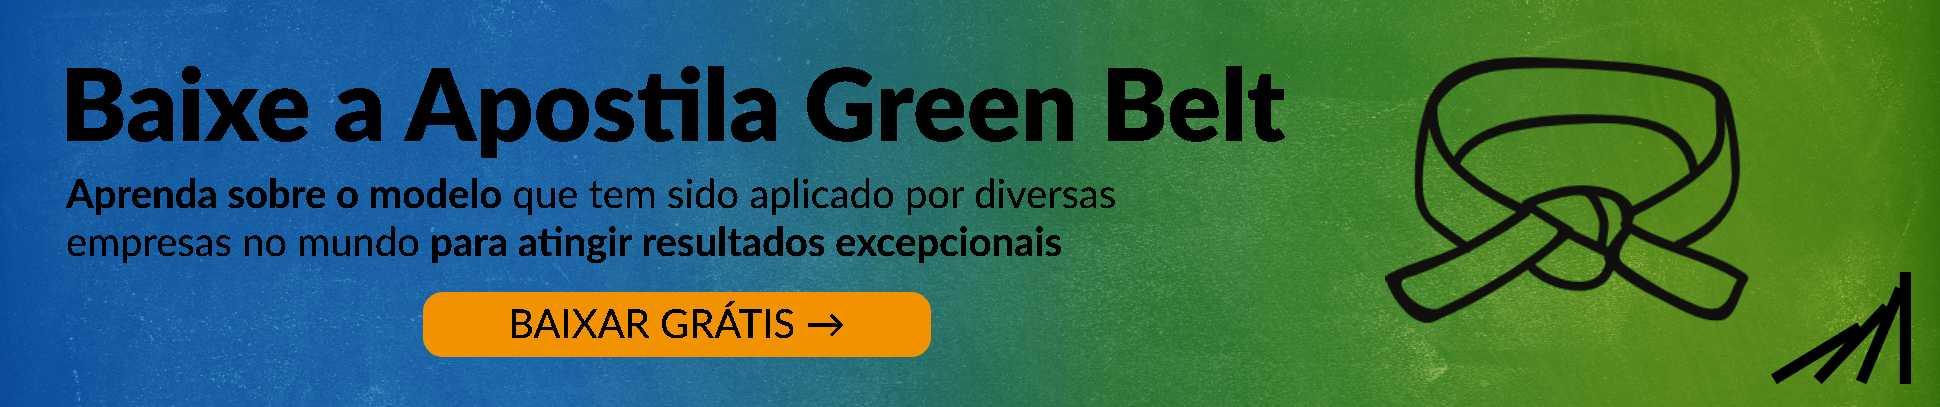 Baixe a Apostila de Green Belt Lean Six Sigma